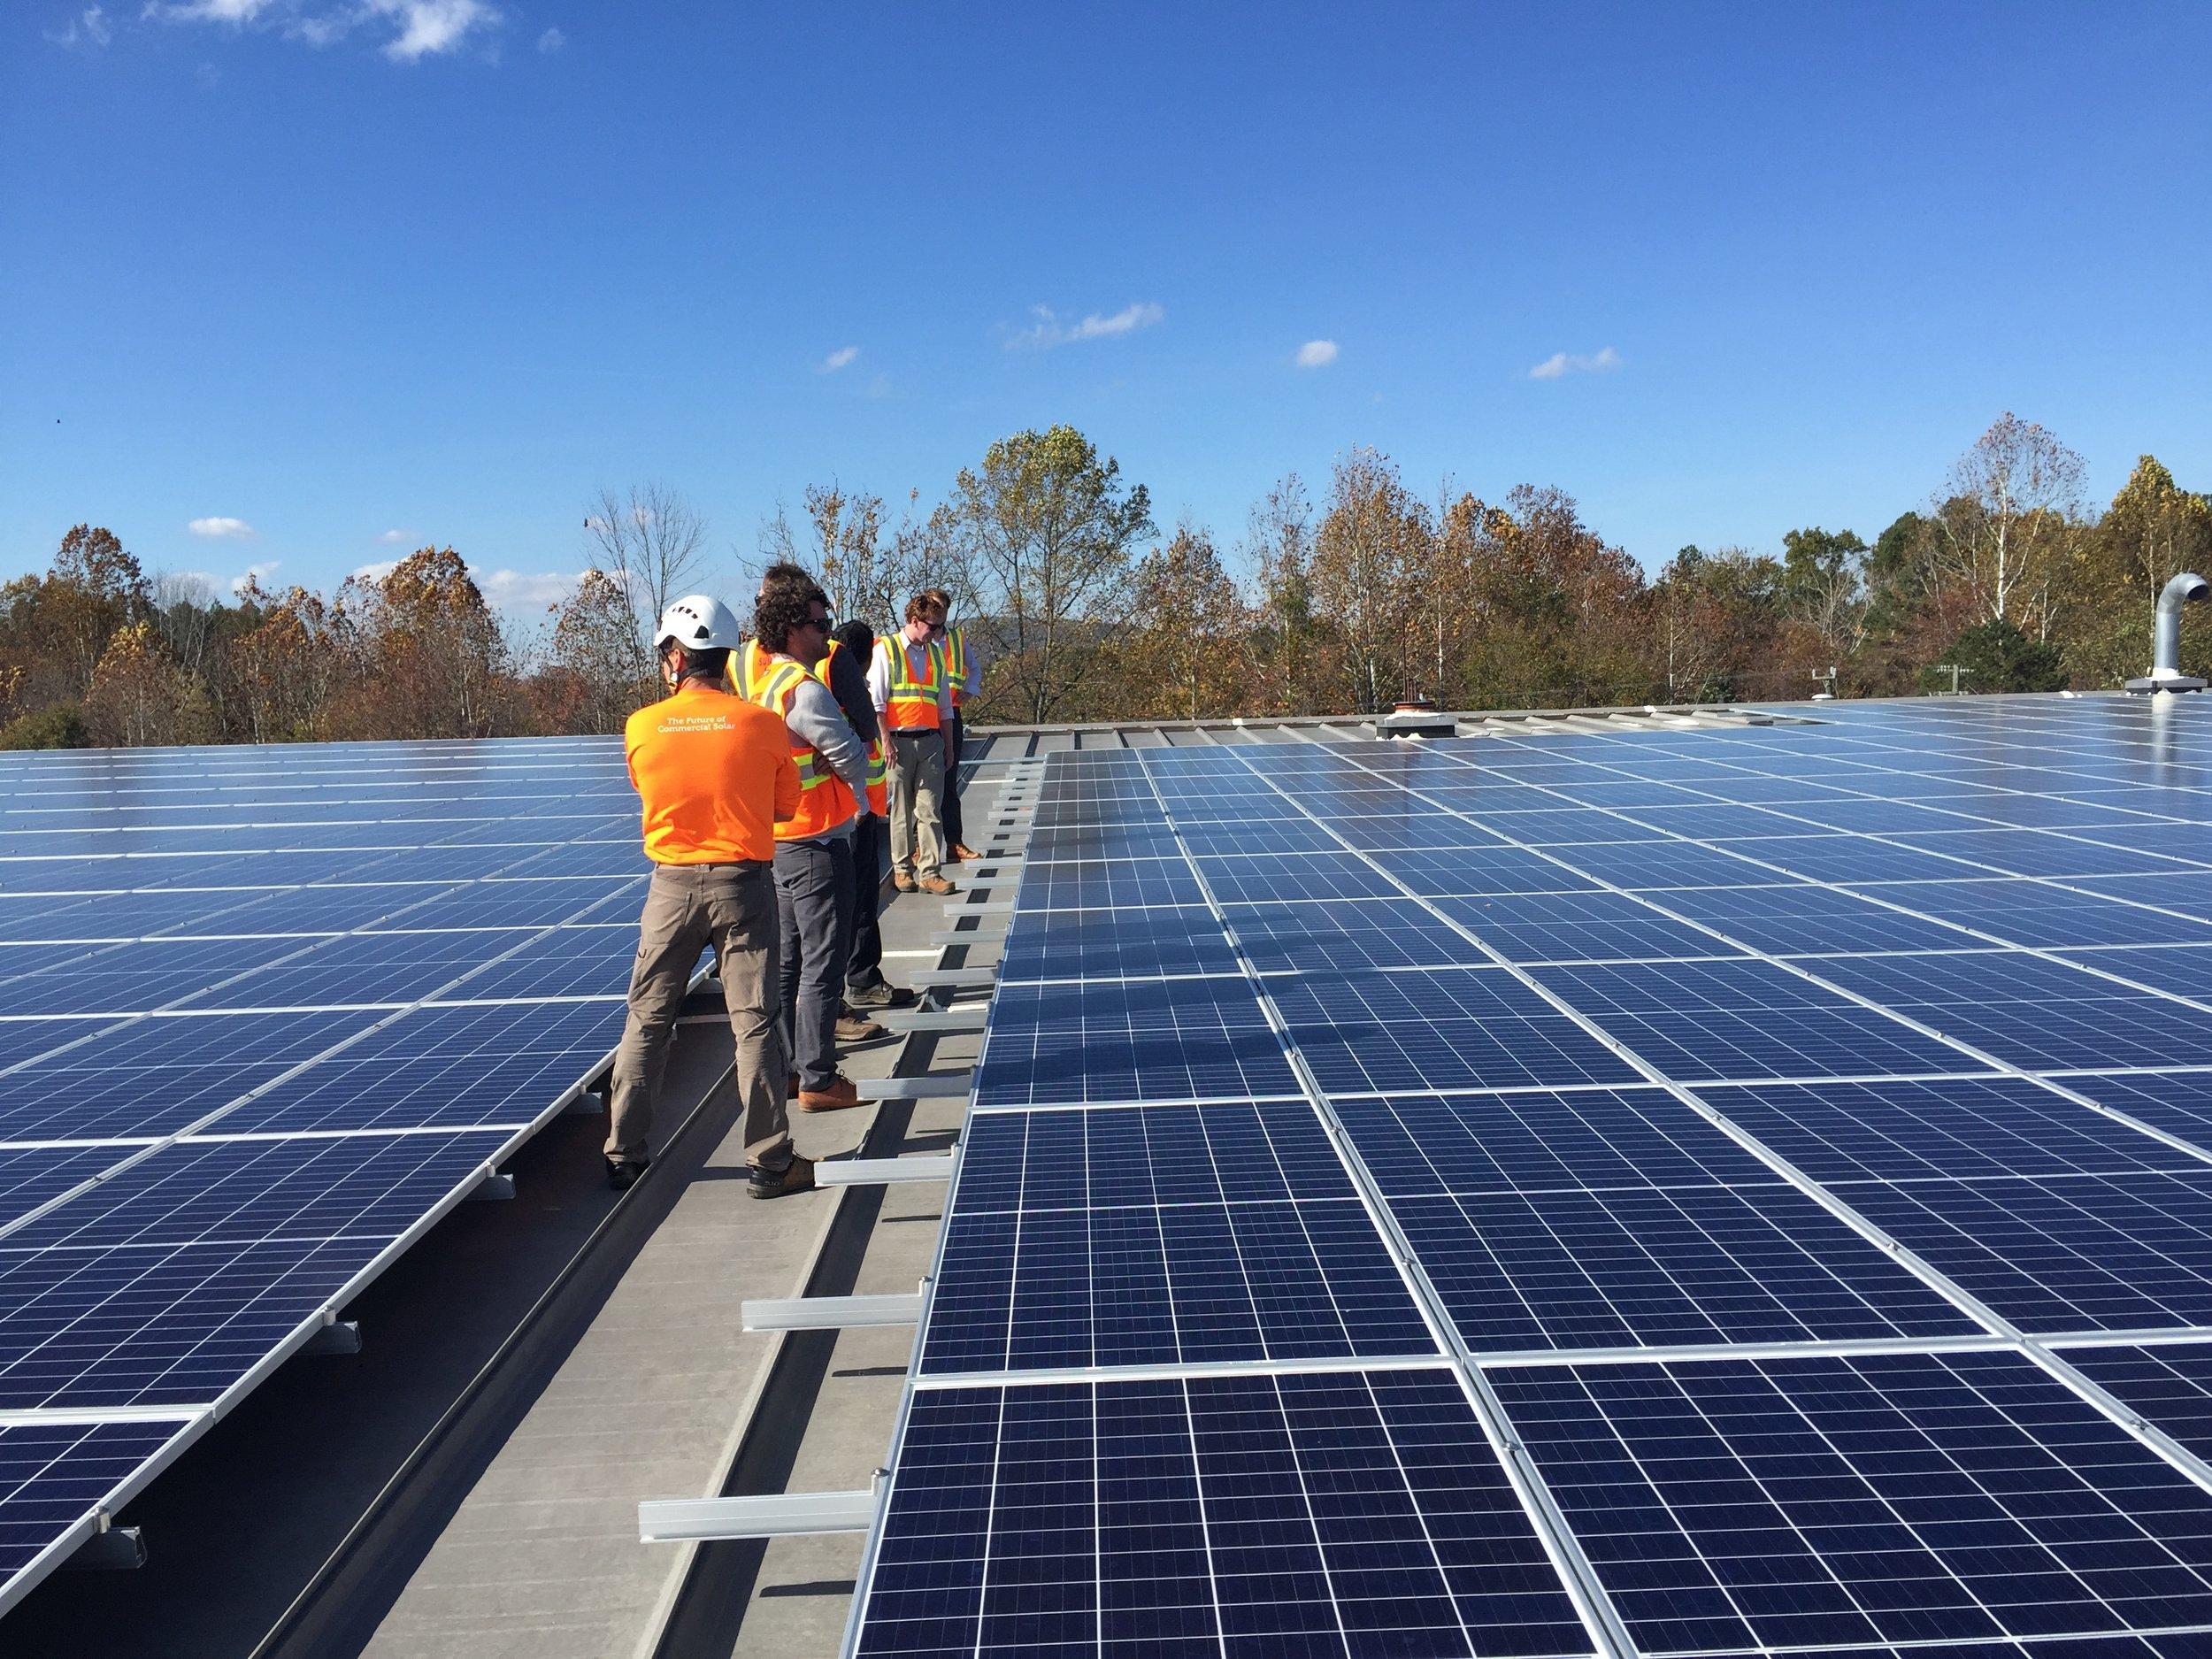 Going Solar: Design Electric, Hantzmon Wiebel, & Peabody School